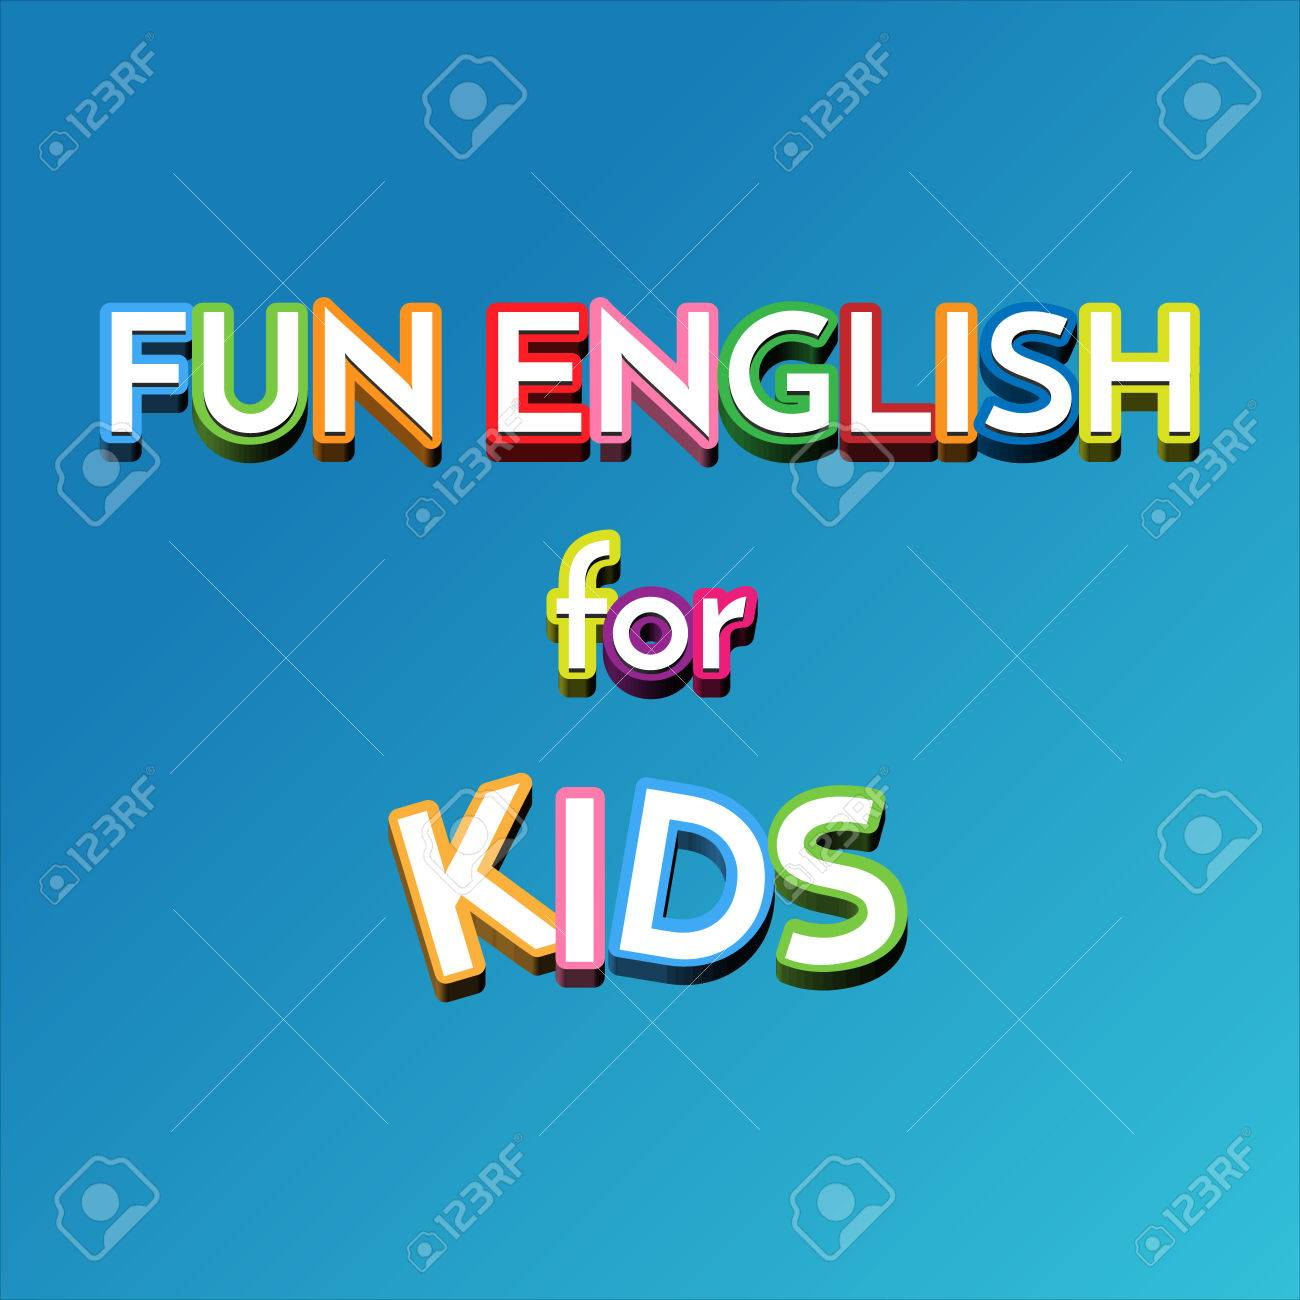 子供のベクトルを壁紙します 青の背景に楽しい英語の標識 子供のため